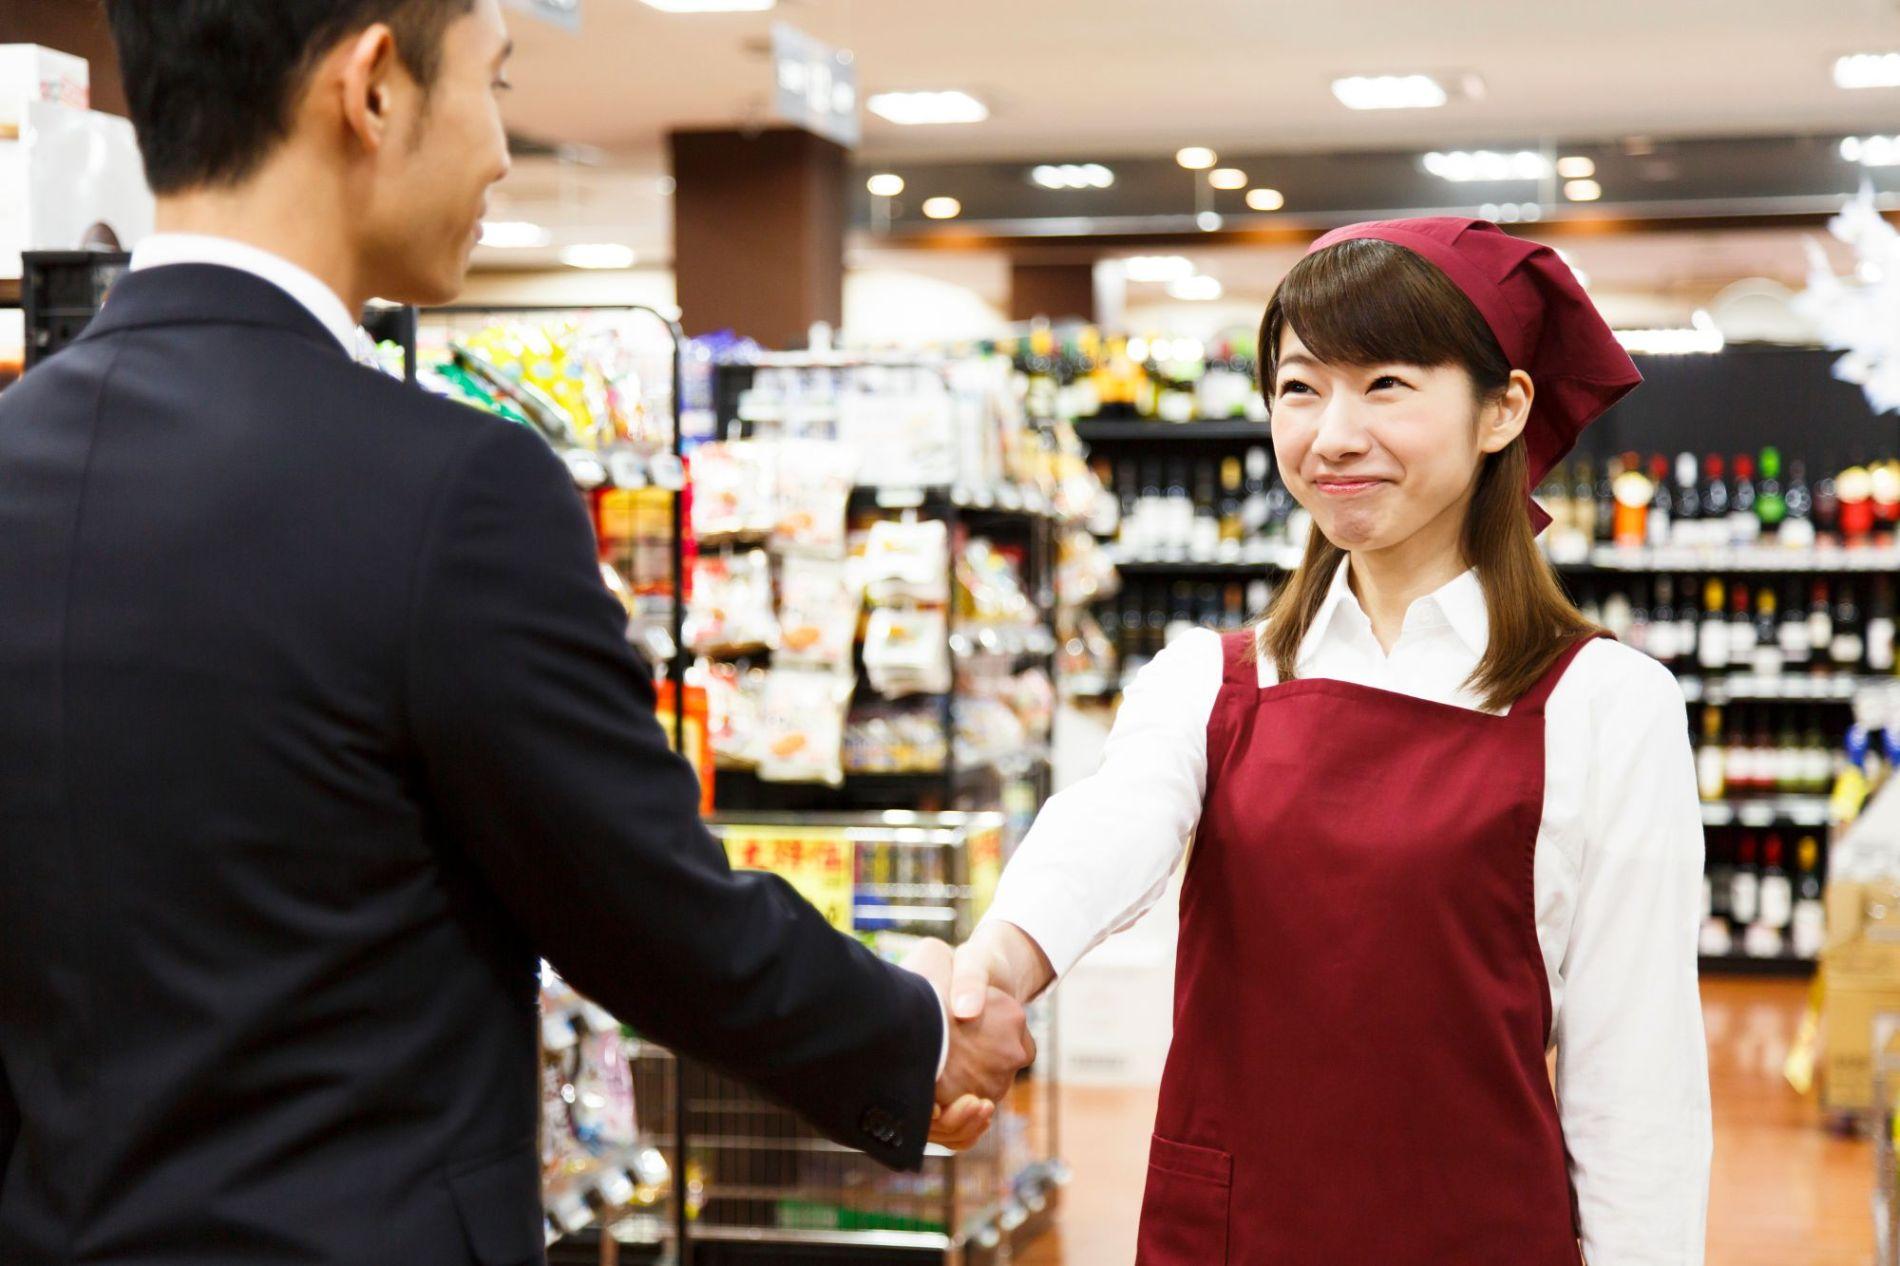 百貨店、大手スーパー・大手食品関連企業との接点